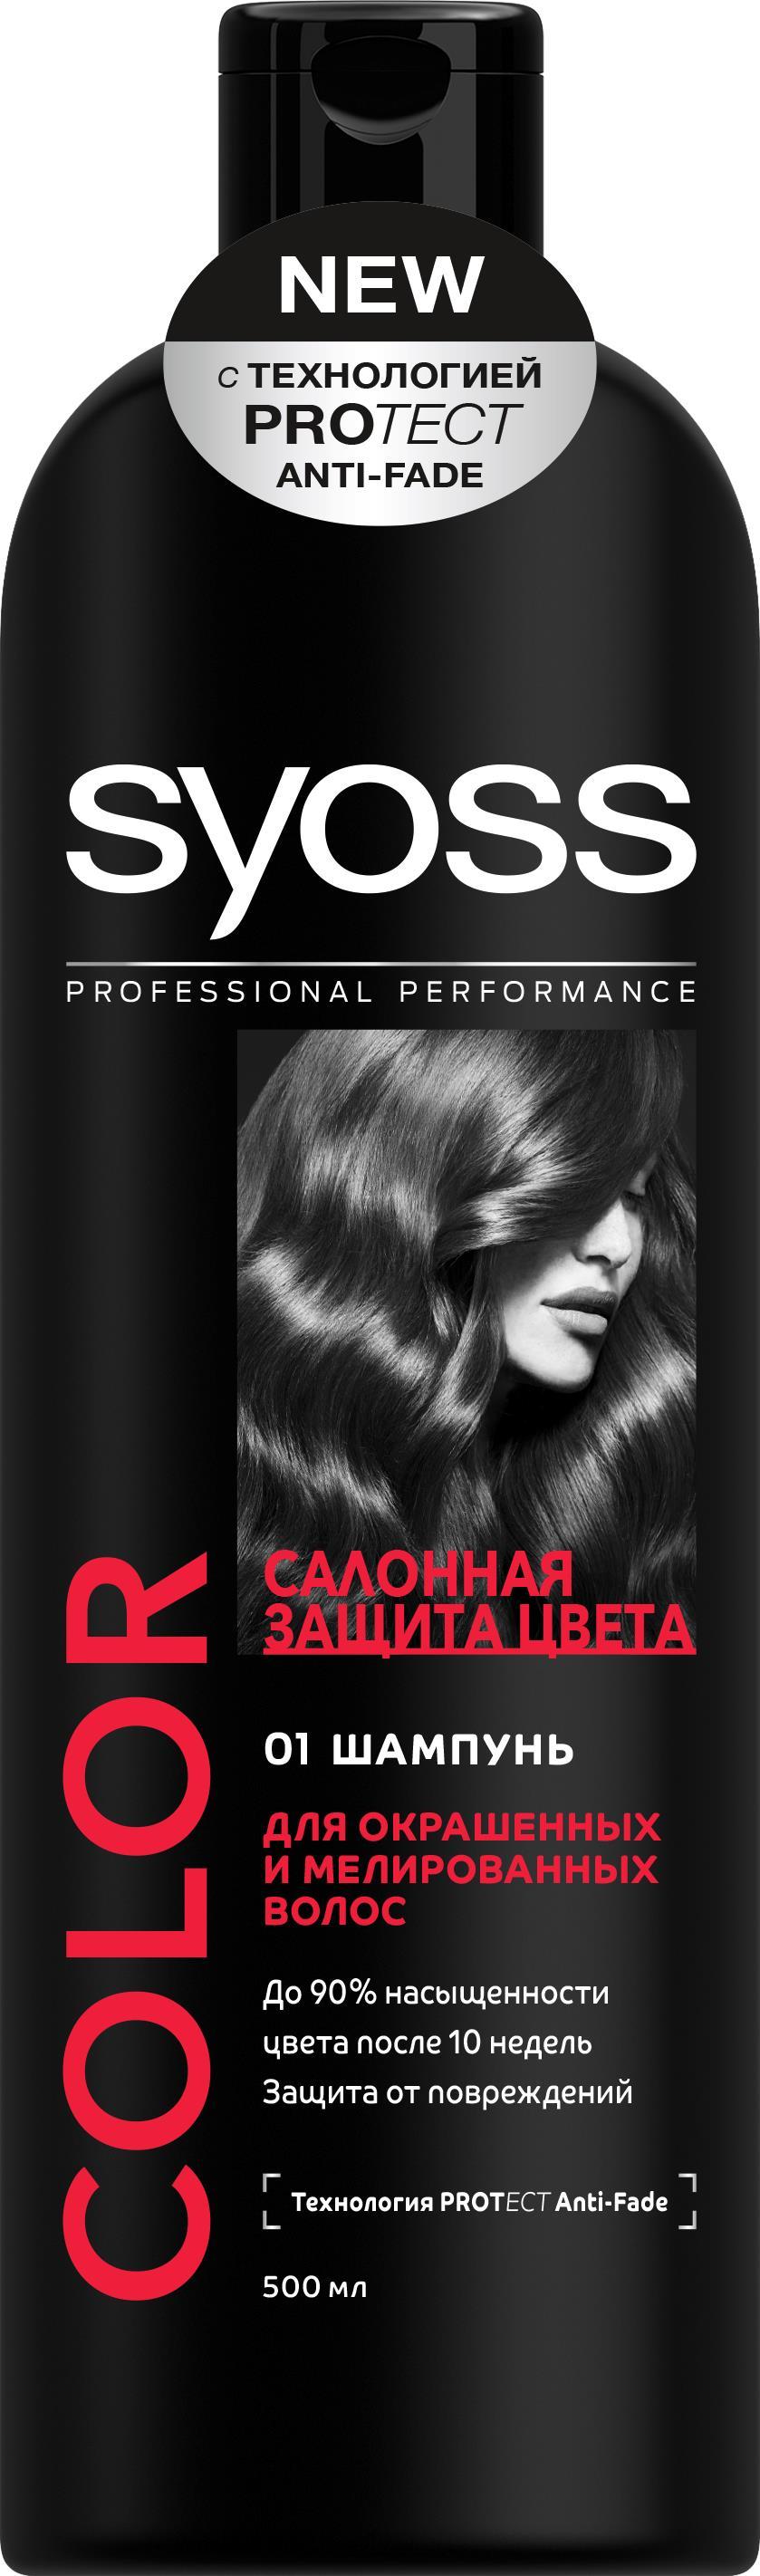 Syoss Шампунь Color Protect, для окрашенных и мелированных волос, 500 мл